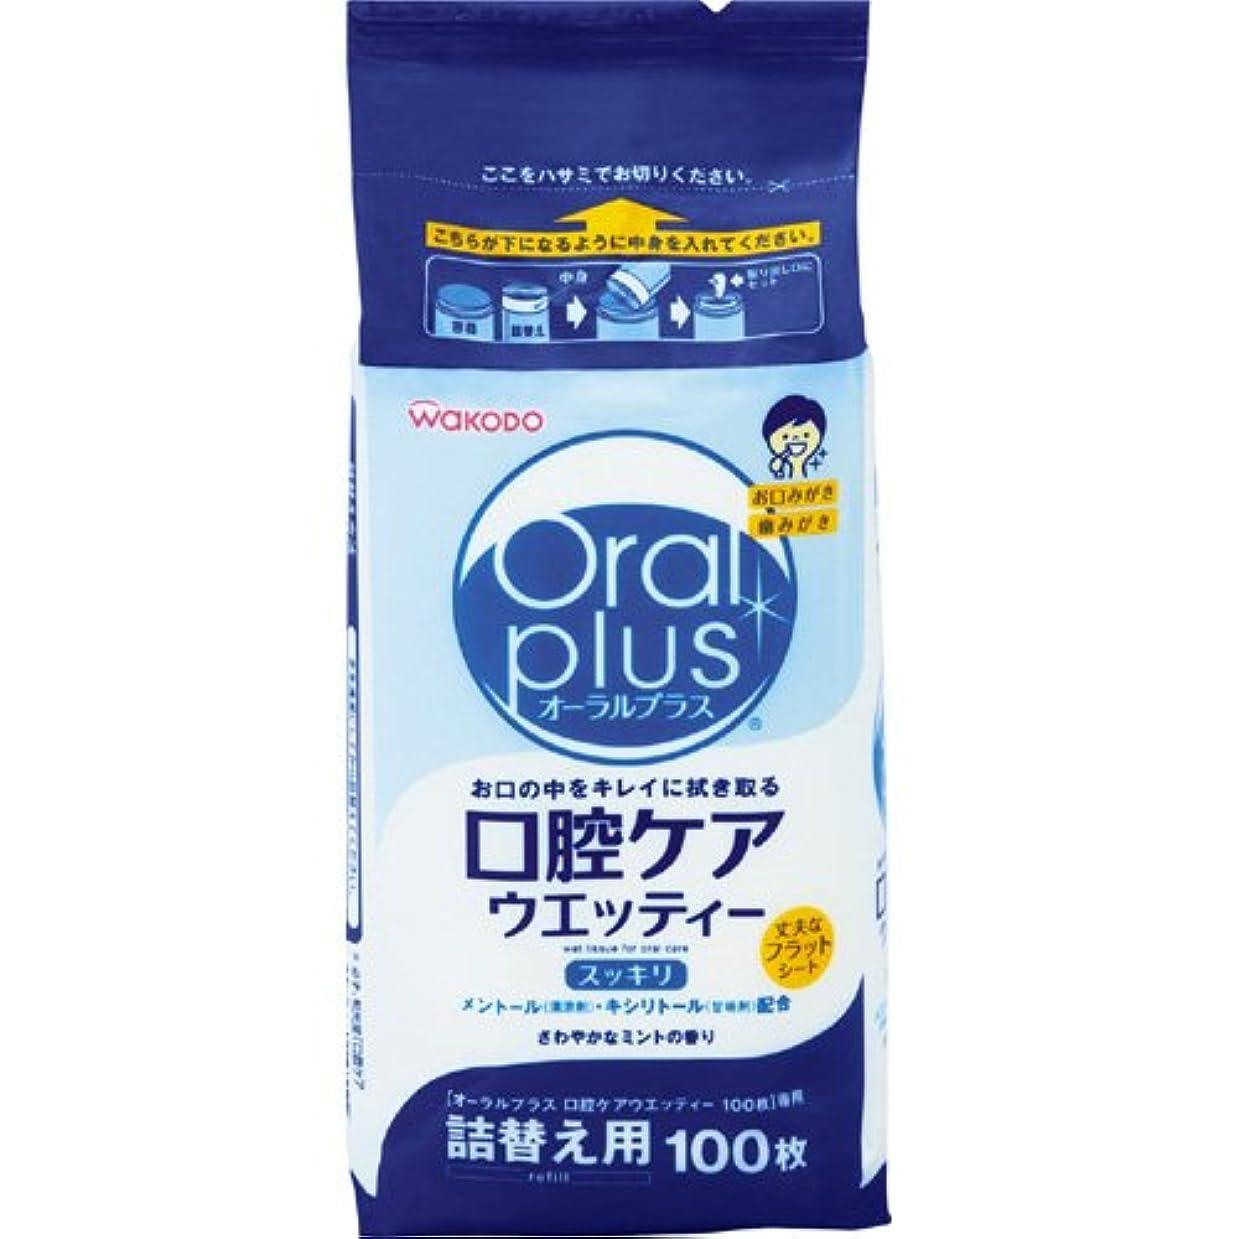 四分円集団土オーラルプラス 口腔ケアウエッティー ミントの香り 詰替え用 100枚 1ケース(12個入)